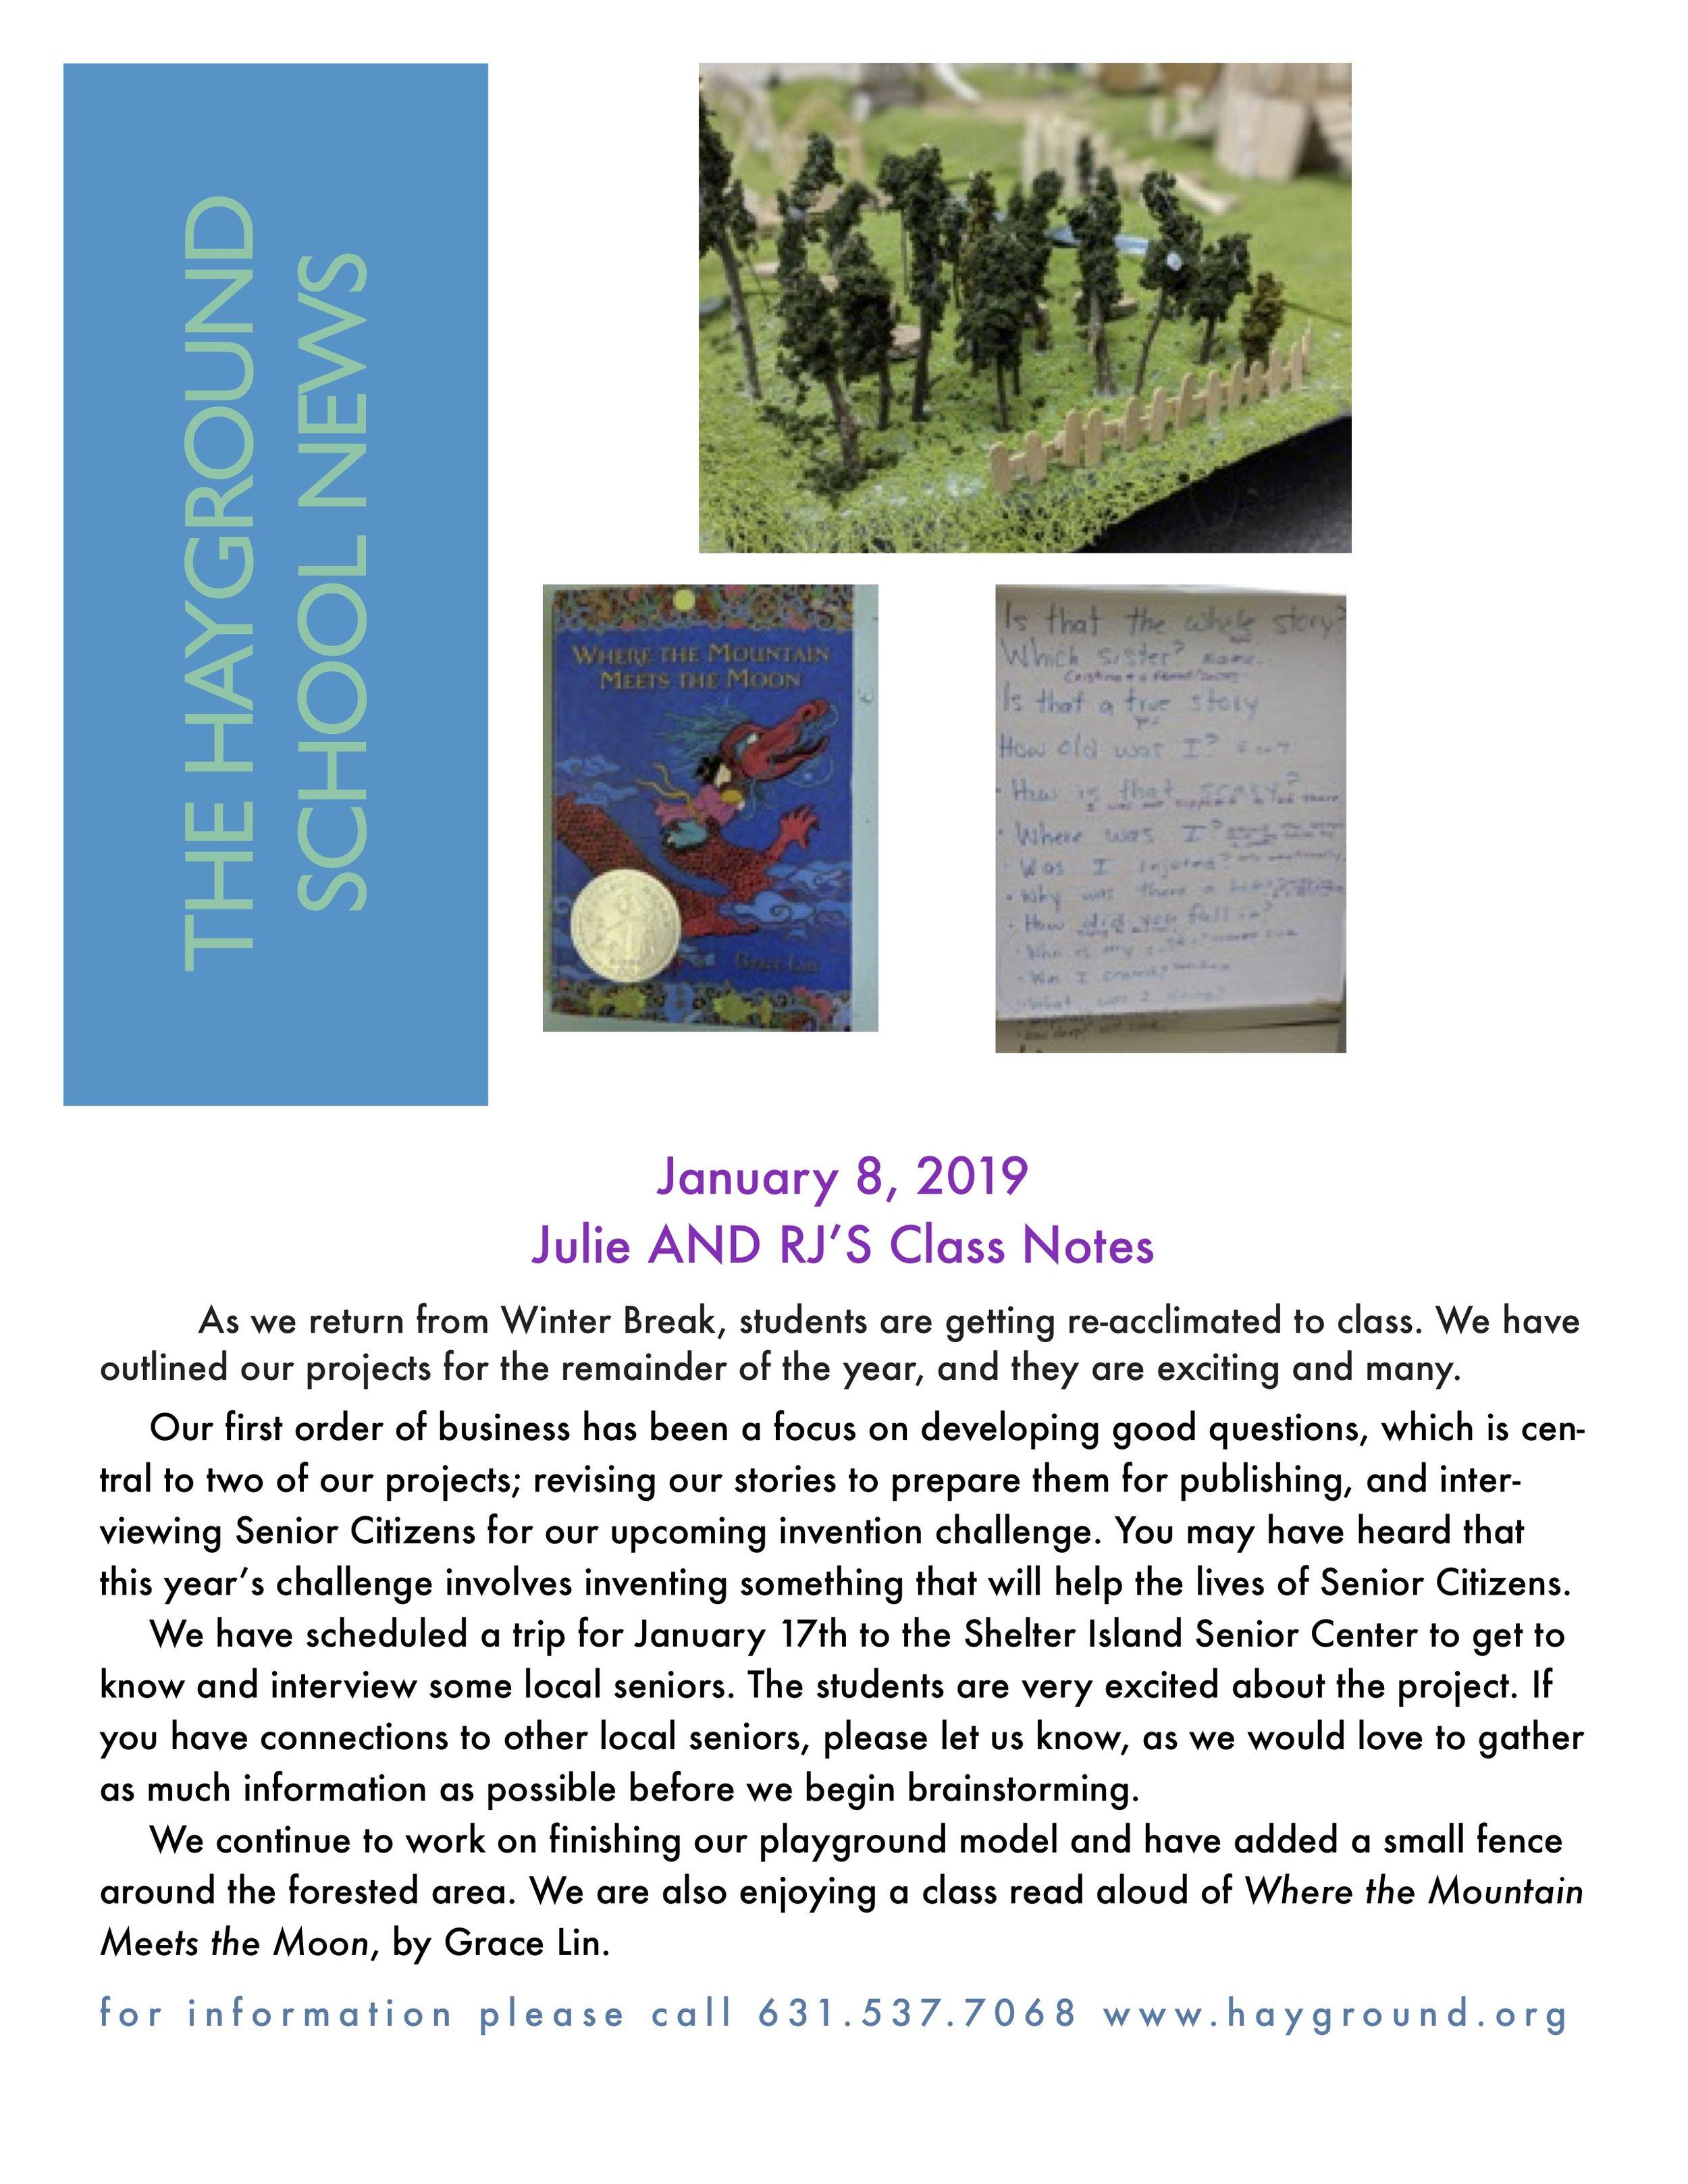 Julie & RJ Class Notes 1-18-19 copy.jpg